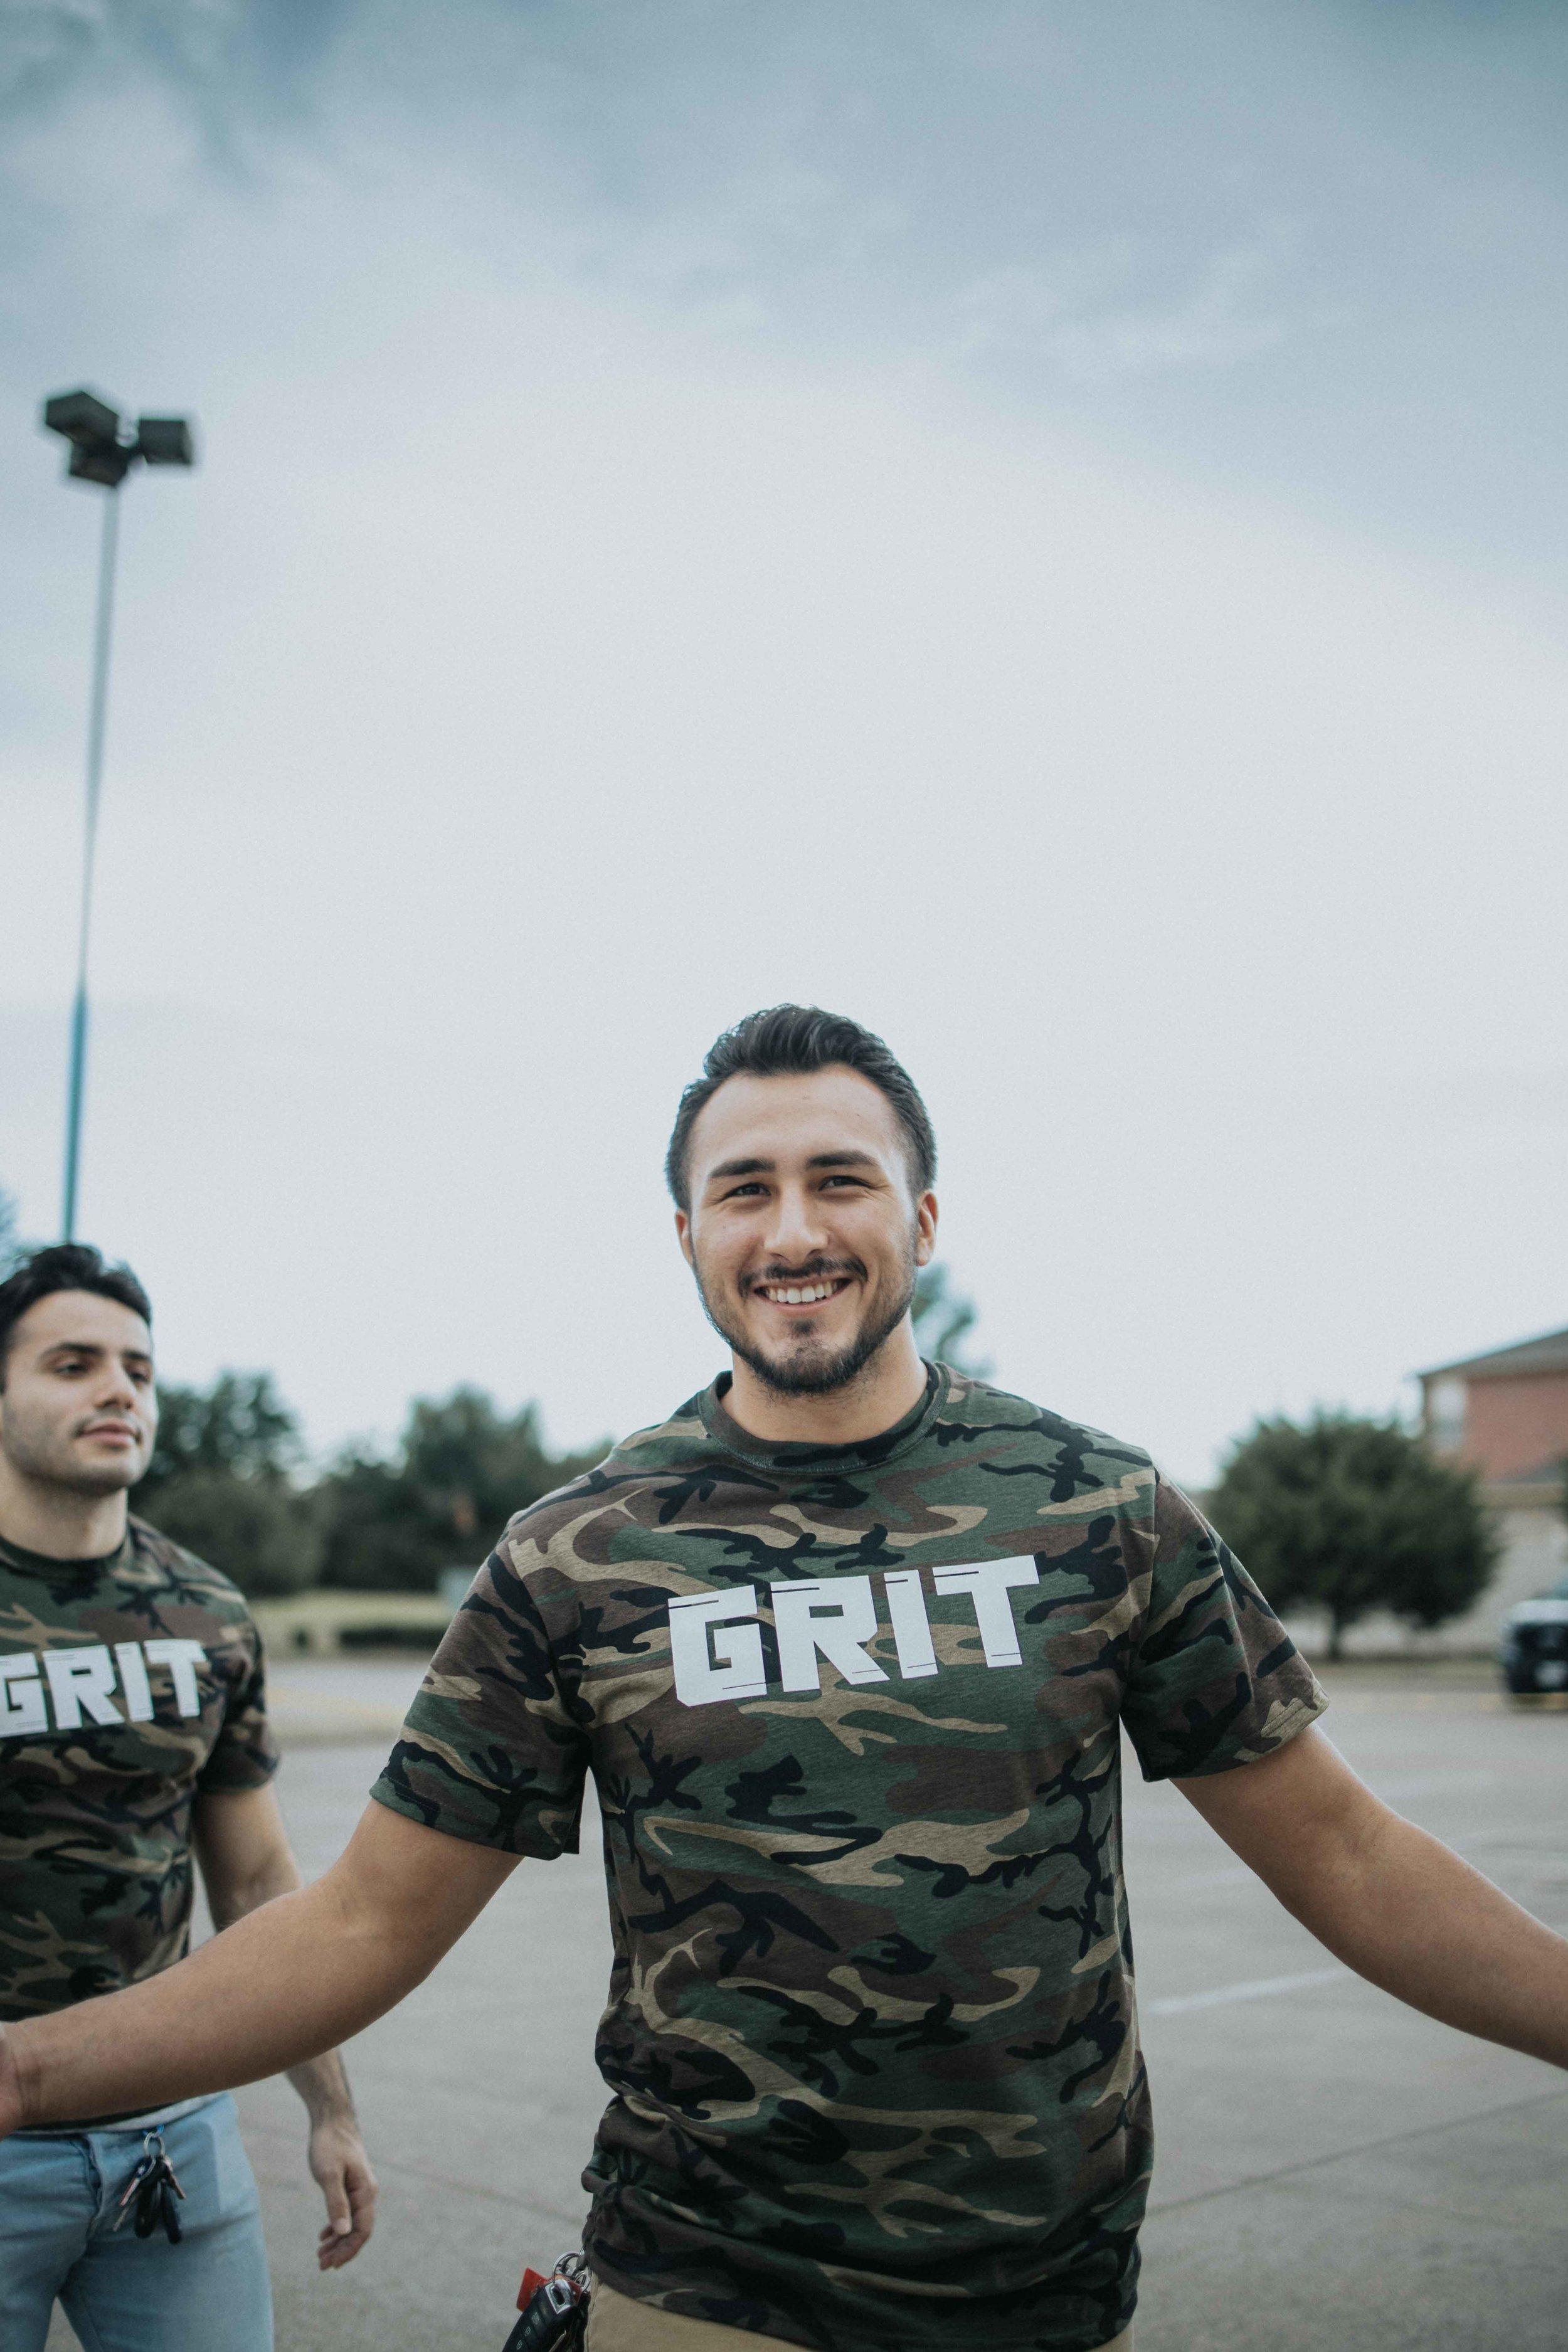 Grit-9.jpg